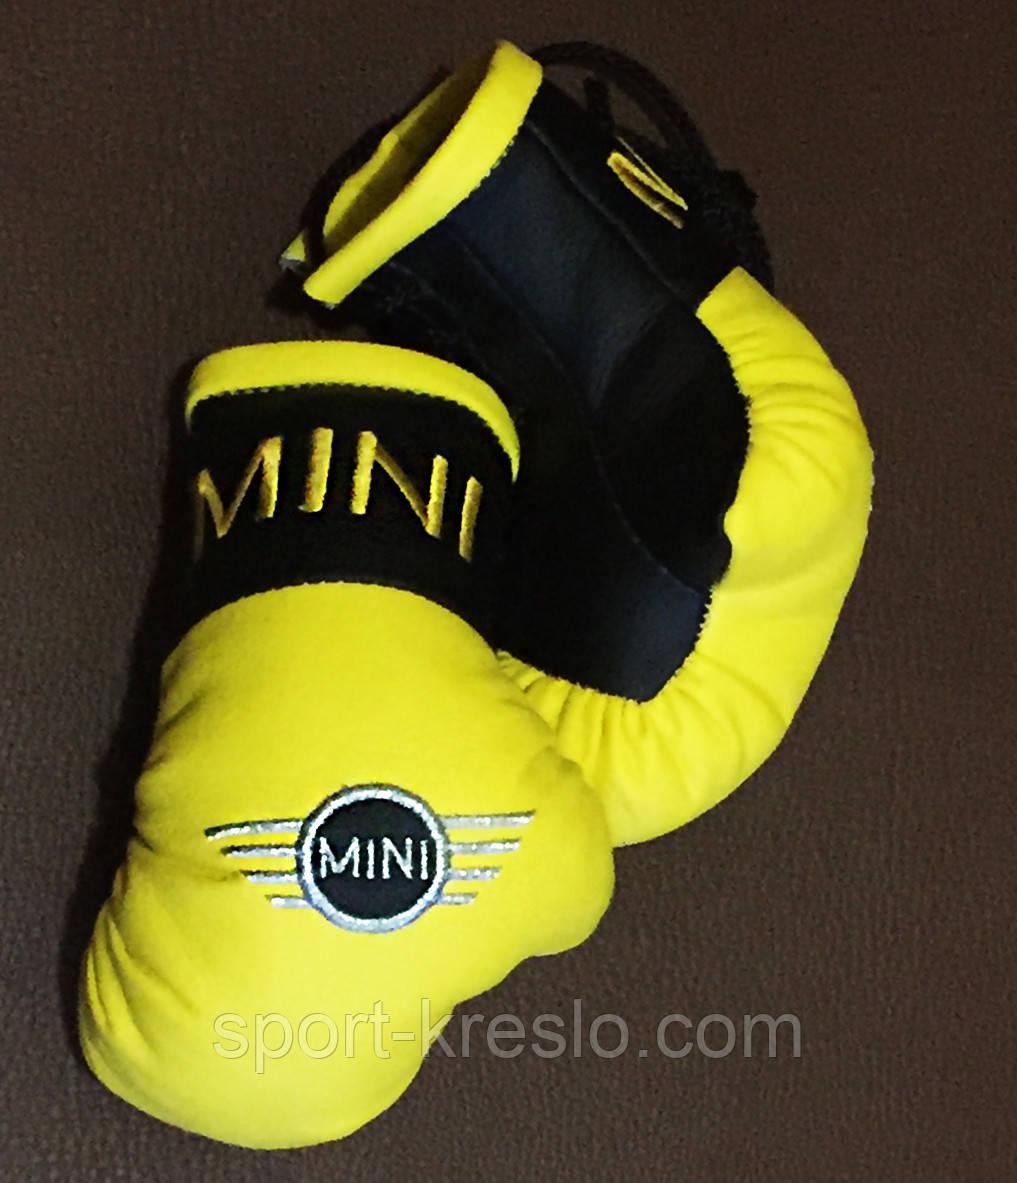 Рукавички боксерські міні сувенір підвіска в авто MINI